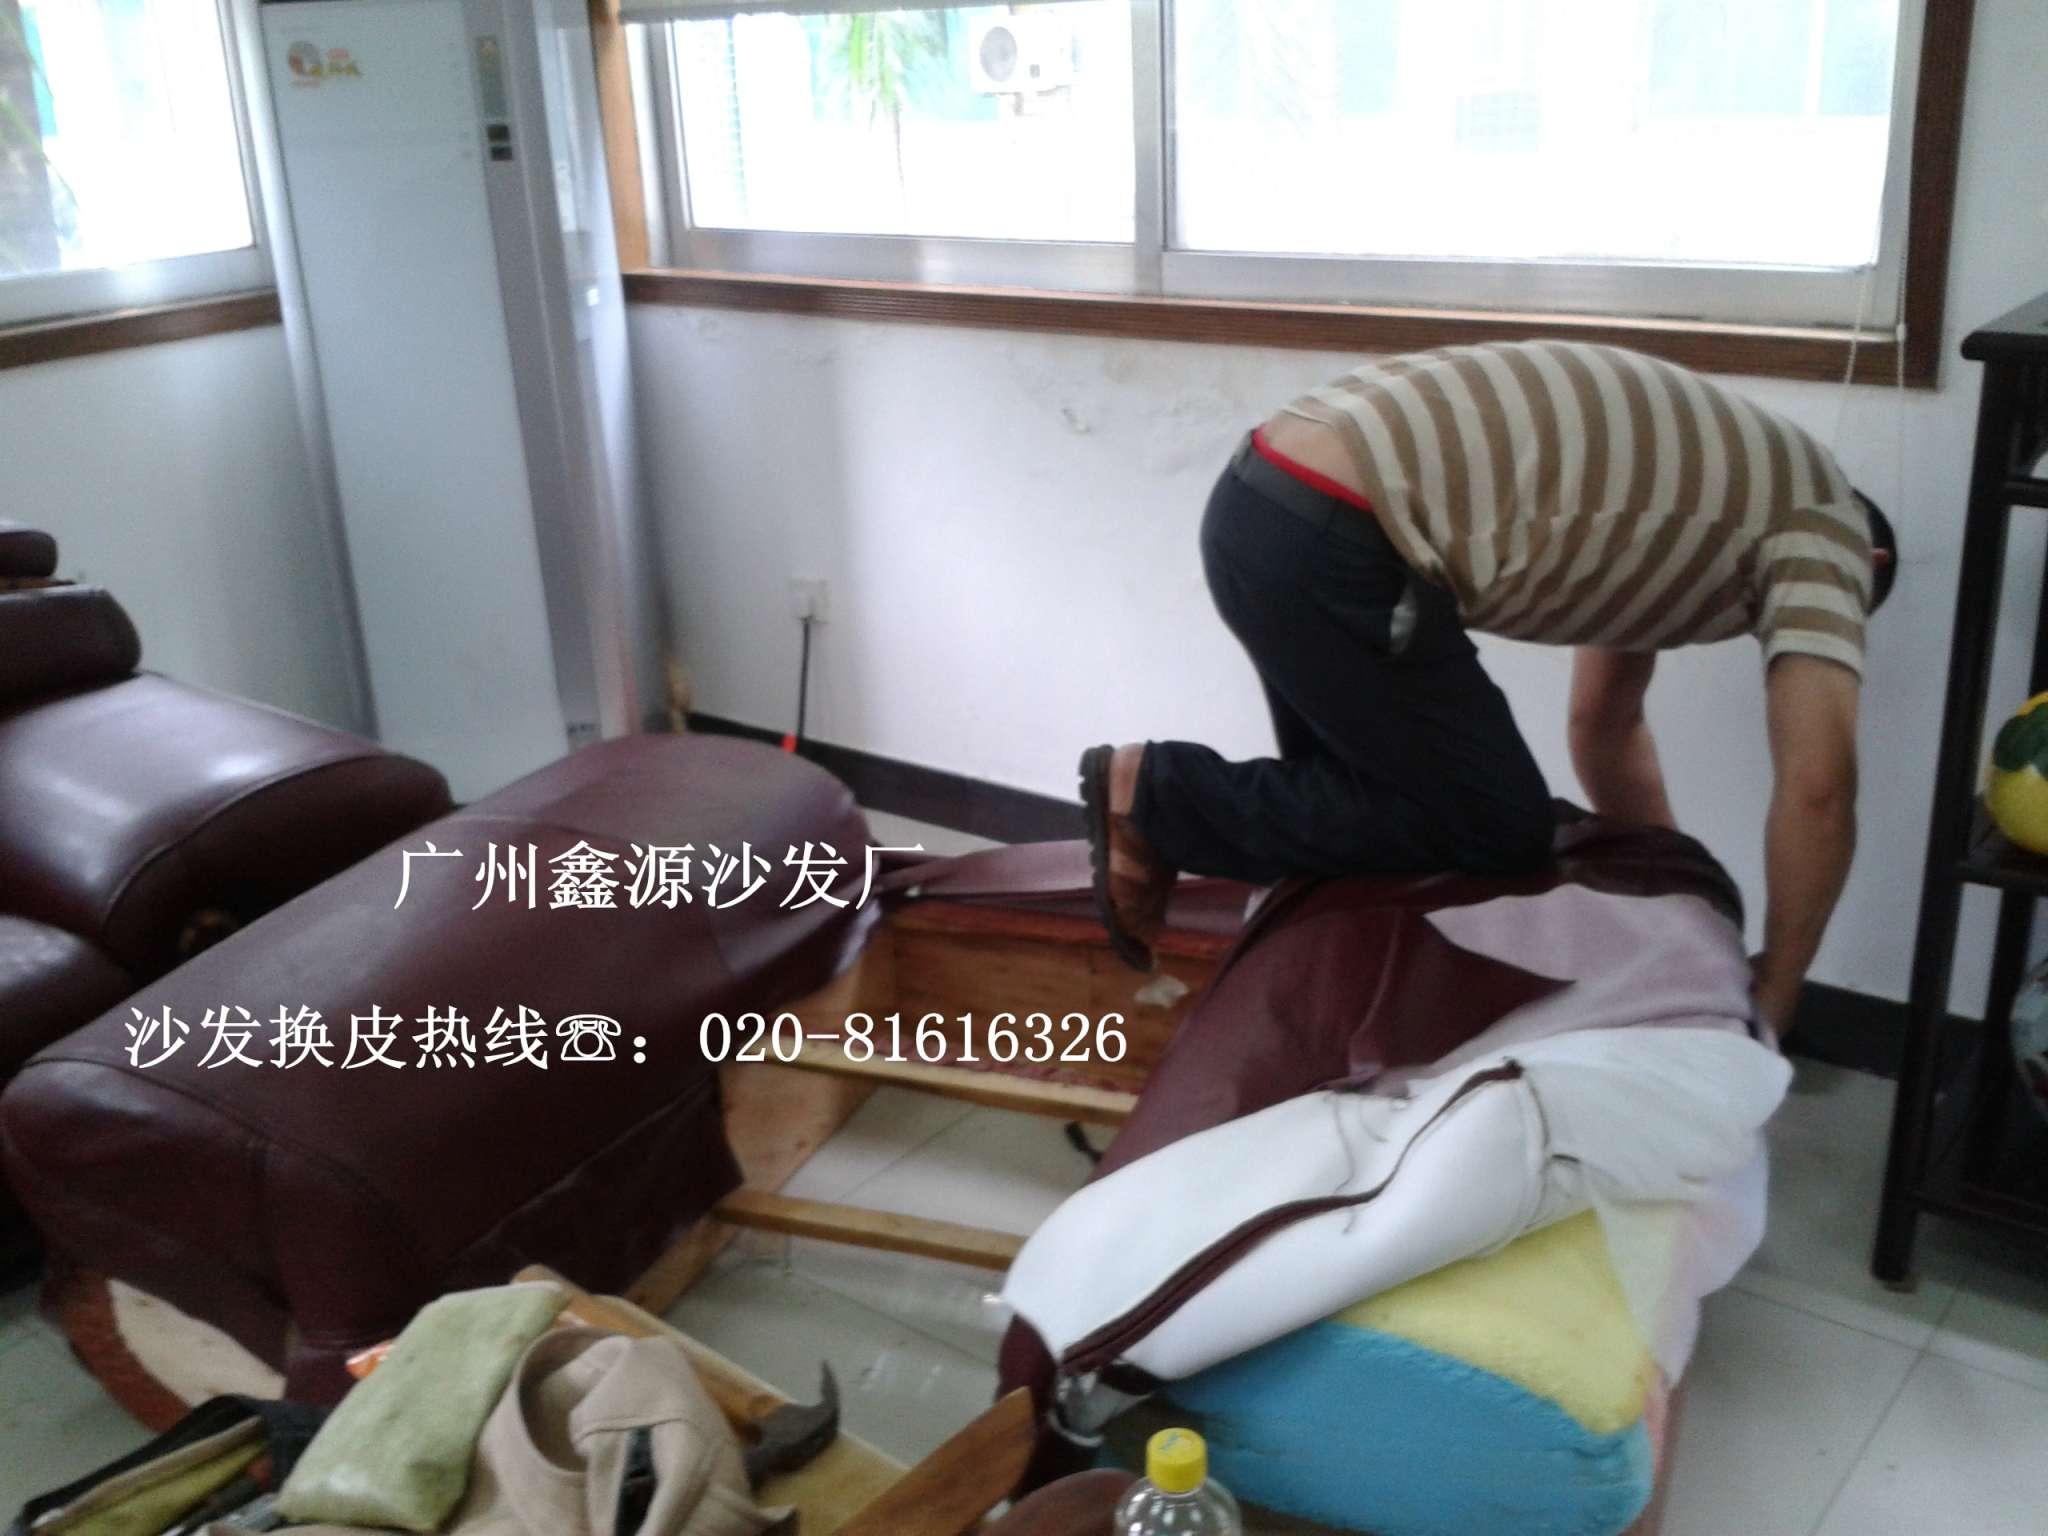 沙发换皮 - 广州鑫源沙发厂(承接旧沙发翻新换皮